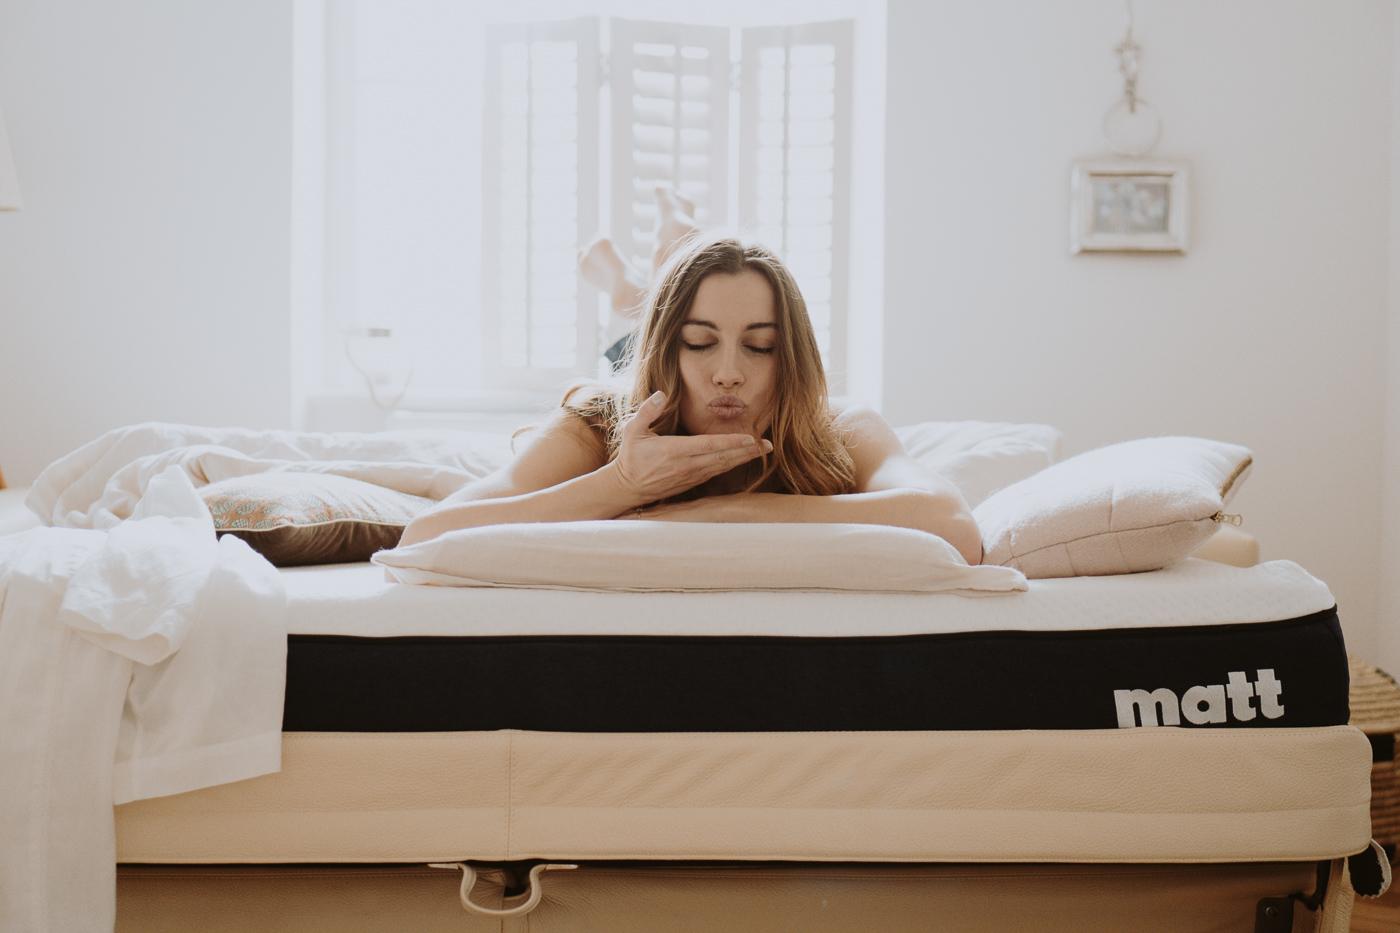 Schlafen ist schön. Matt Sleeps - Eine Matratze für jeden Schlaftyp, Kiss Good Night